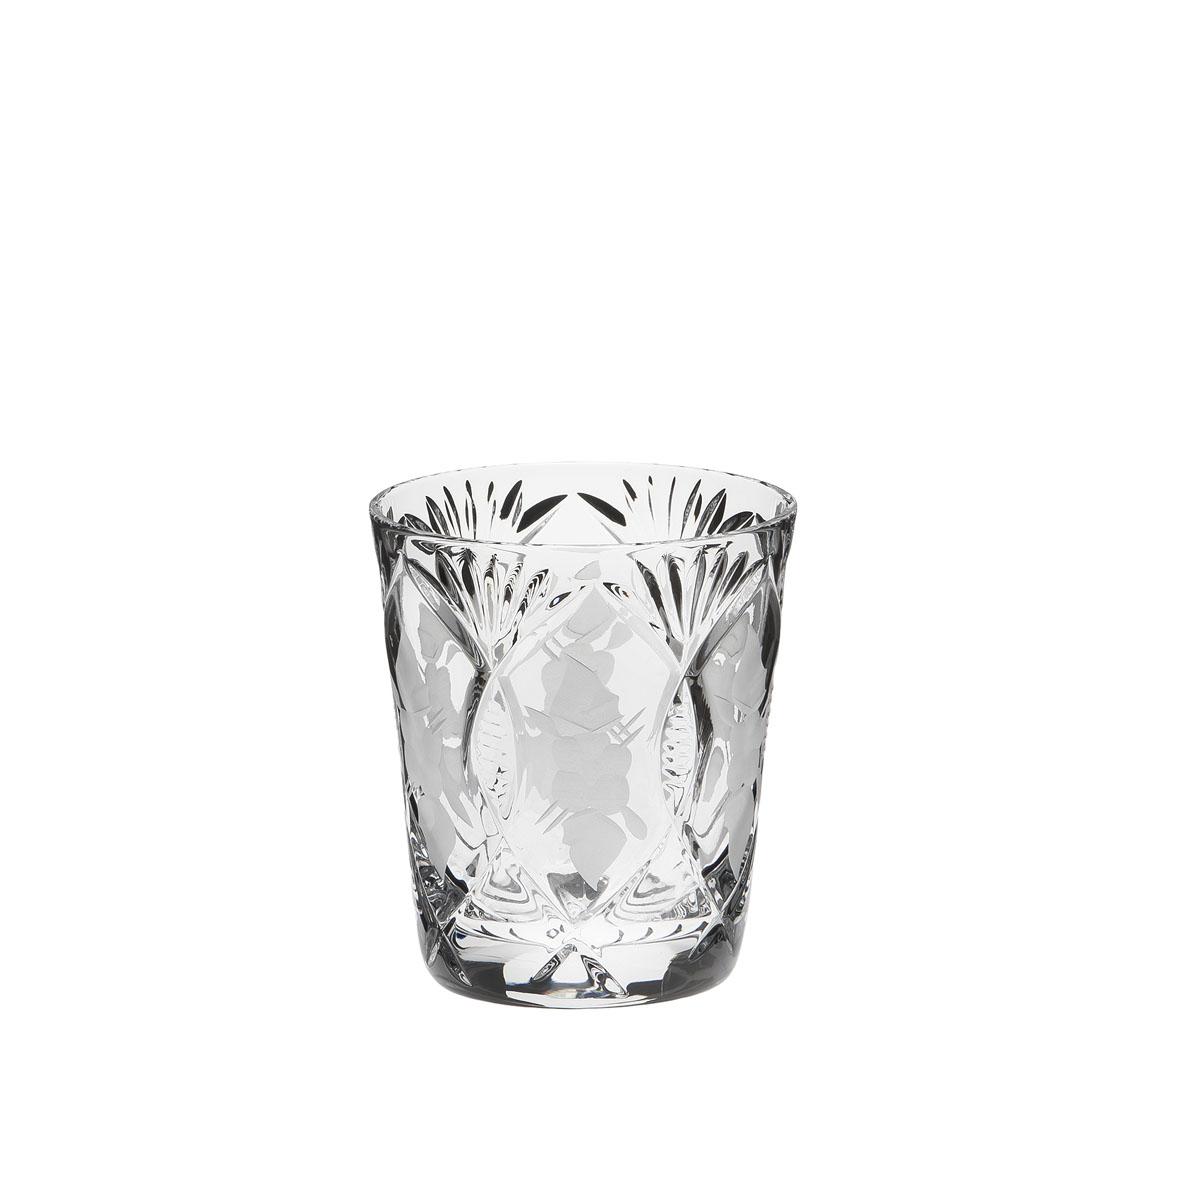 Стакан Дятьковский хрусталь Нежность. С737/2С737/2Хрустальные стаканы – красивое и простое решение для украшения праздничного стола. Стаканы из хрусталя универсальны, они подойдут и для алкогольных напитков – вина, шампанского, и для освежающих – минеральной воды, компота или сока. Если в вашей домашней коллекции еще нет предметов хрустальной посуды, купить хрустальные стаканы стоит обязательно.